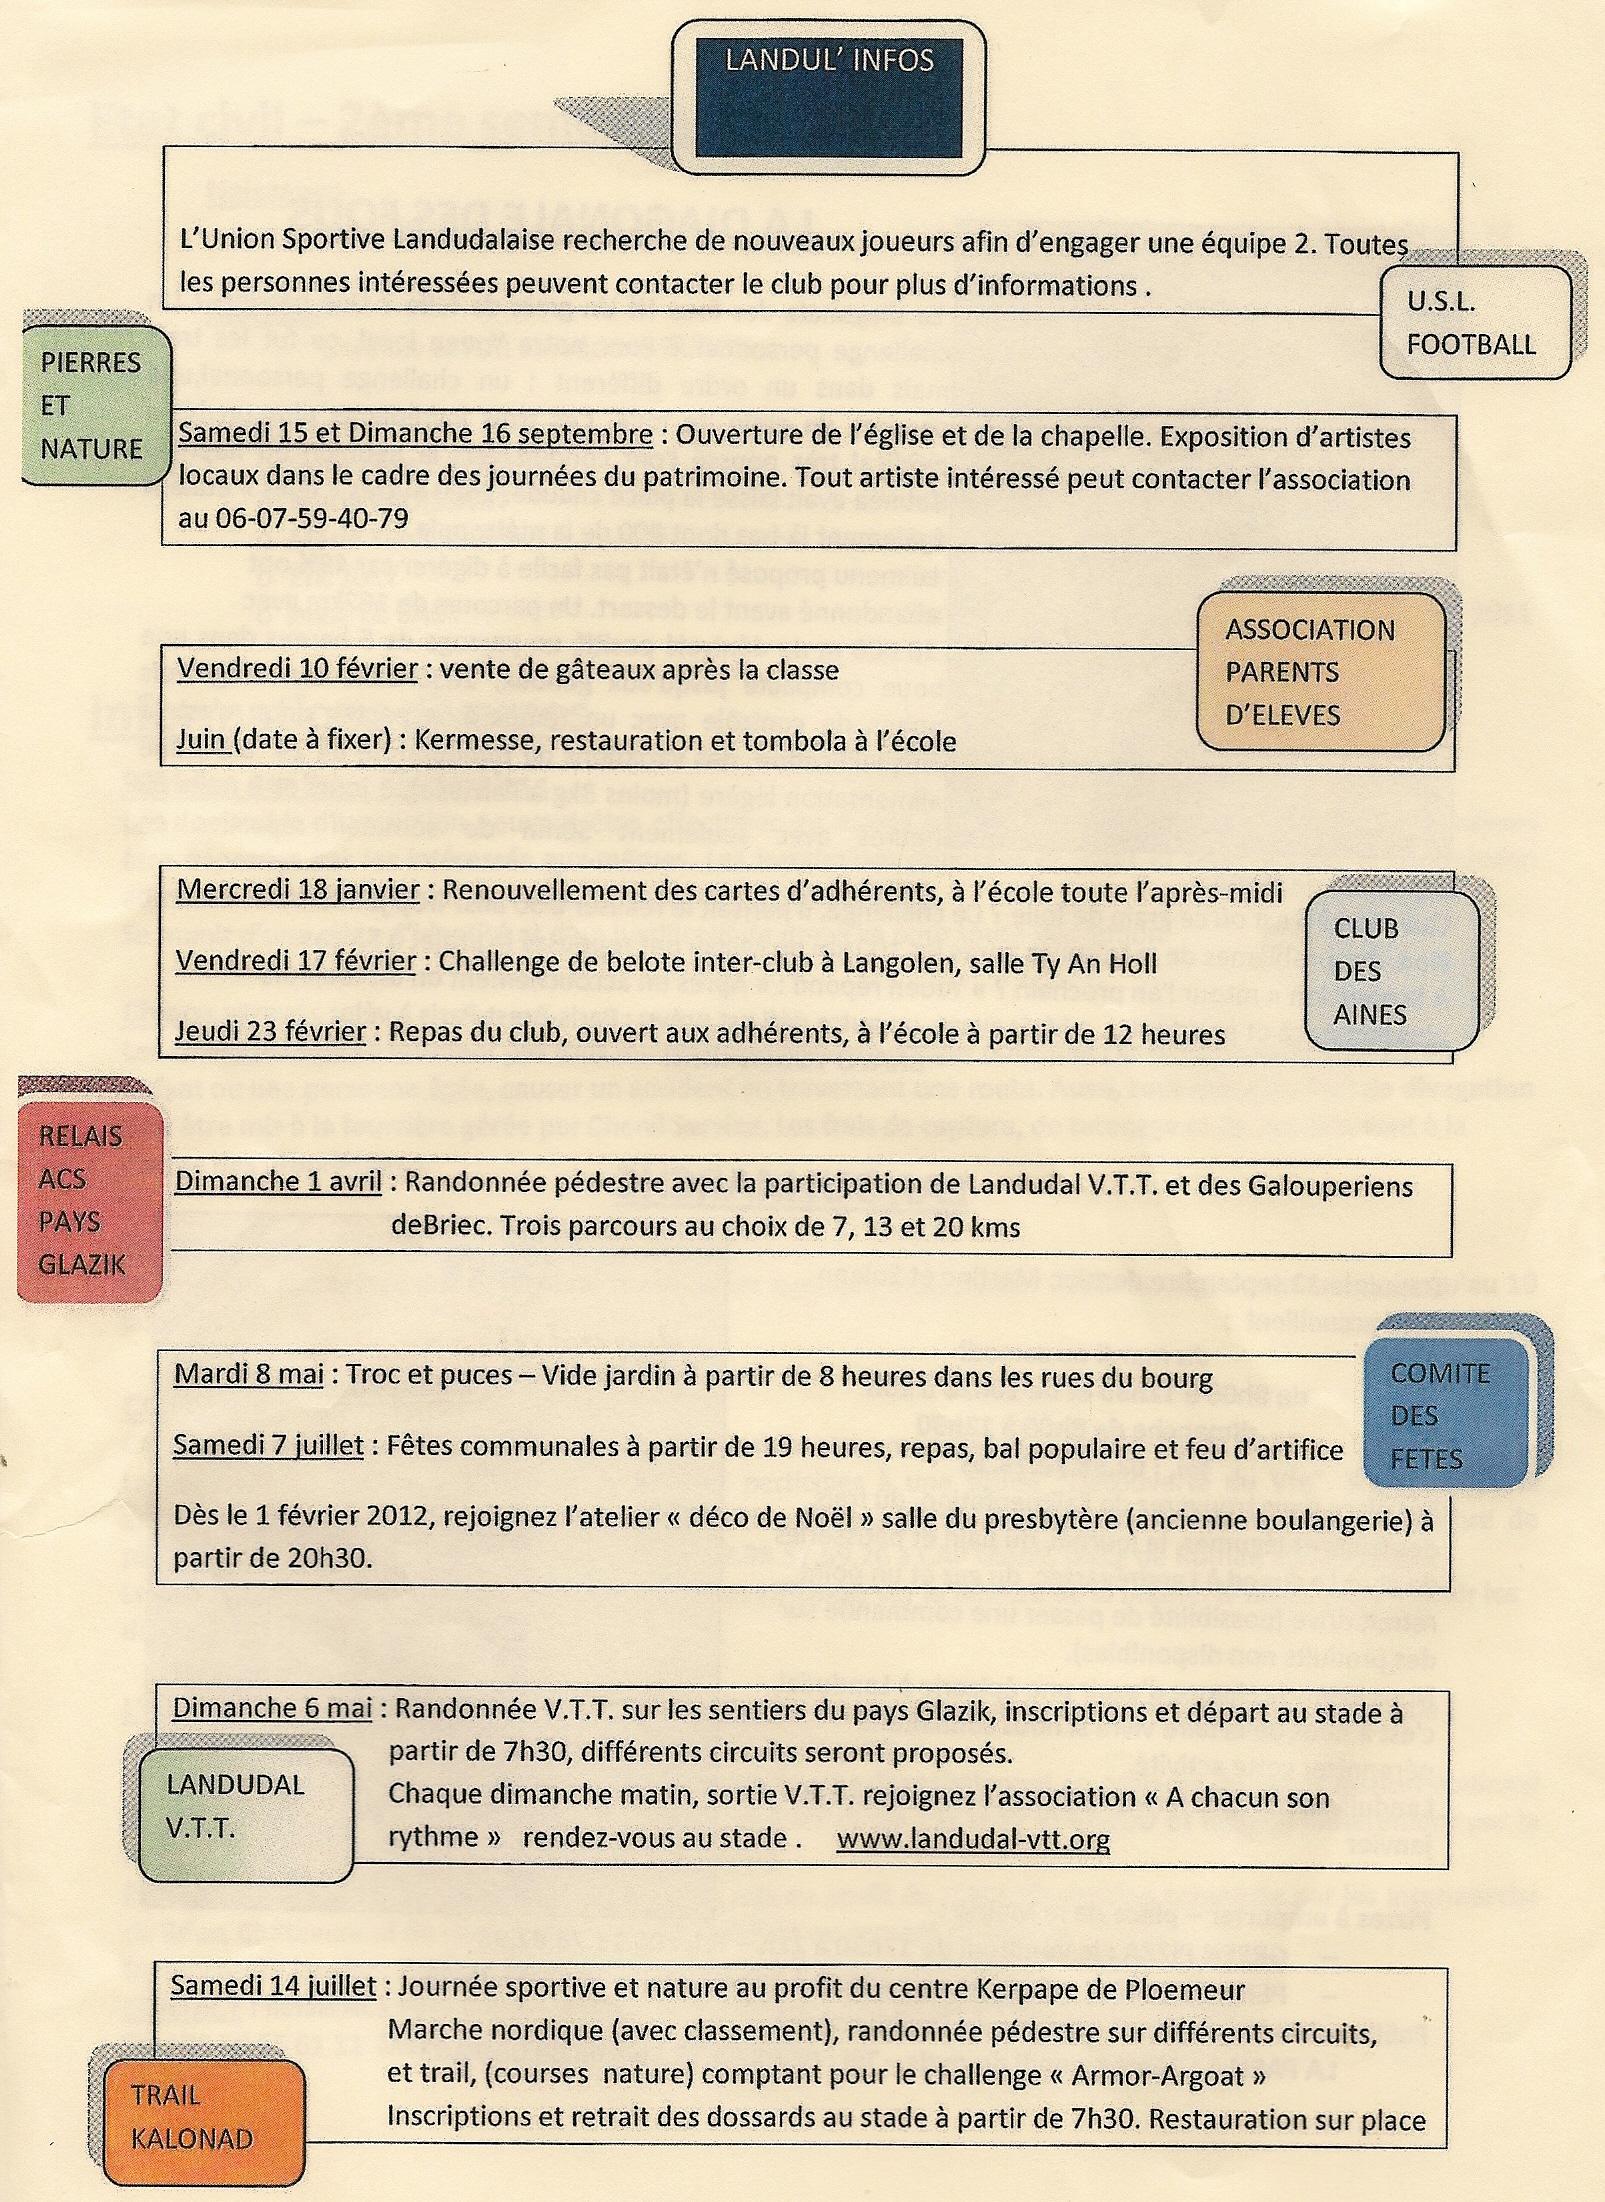 landudal-info-decembre-2011-page-4